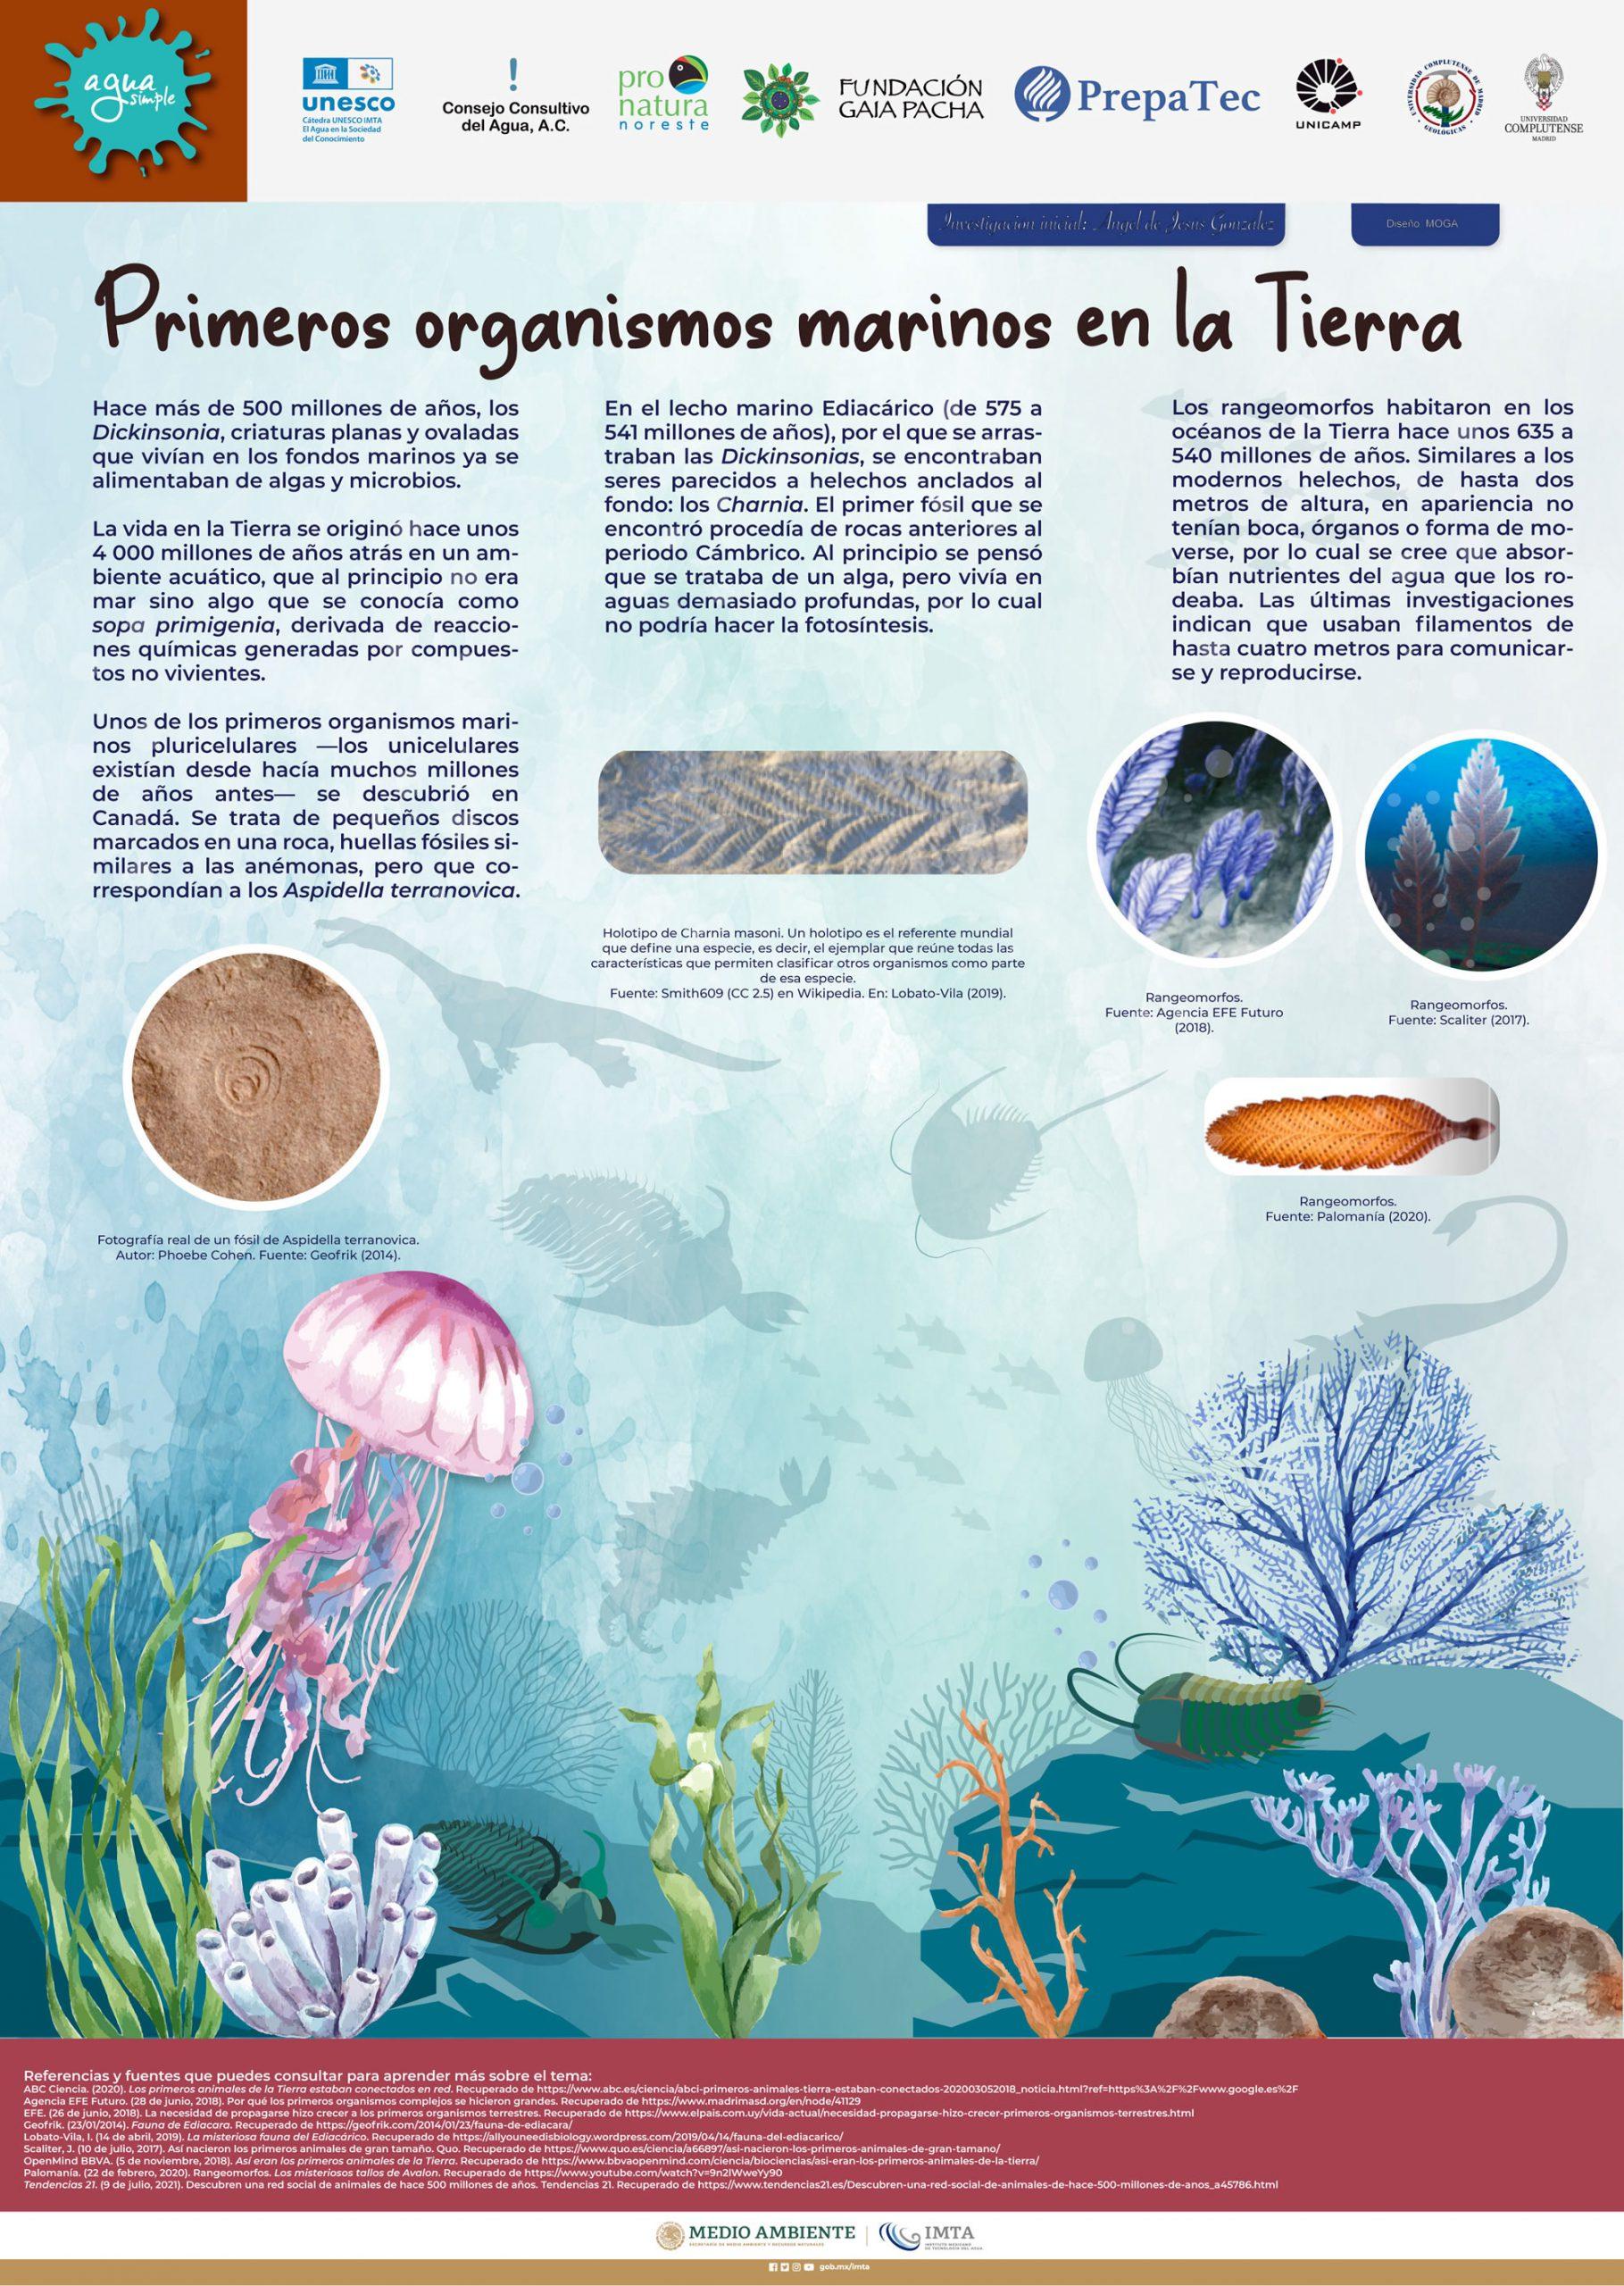 Primeros organismos marinos en la Tierra